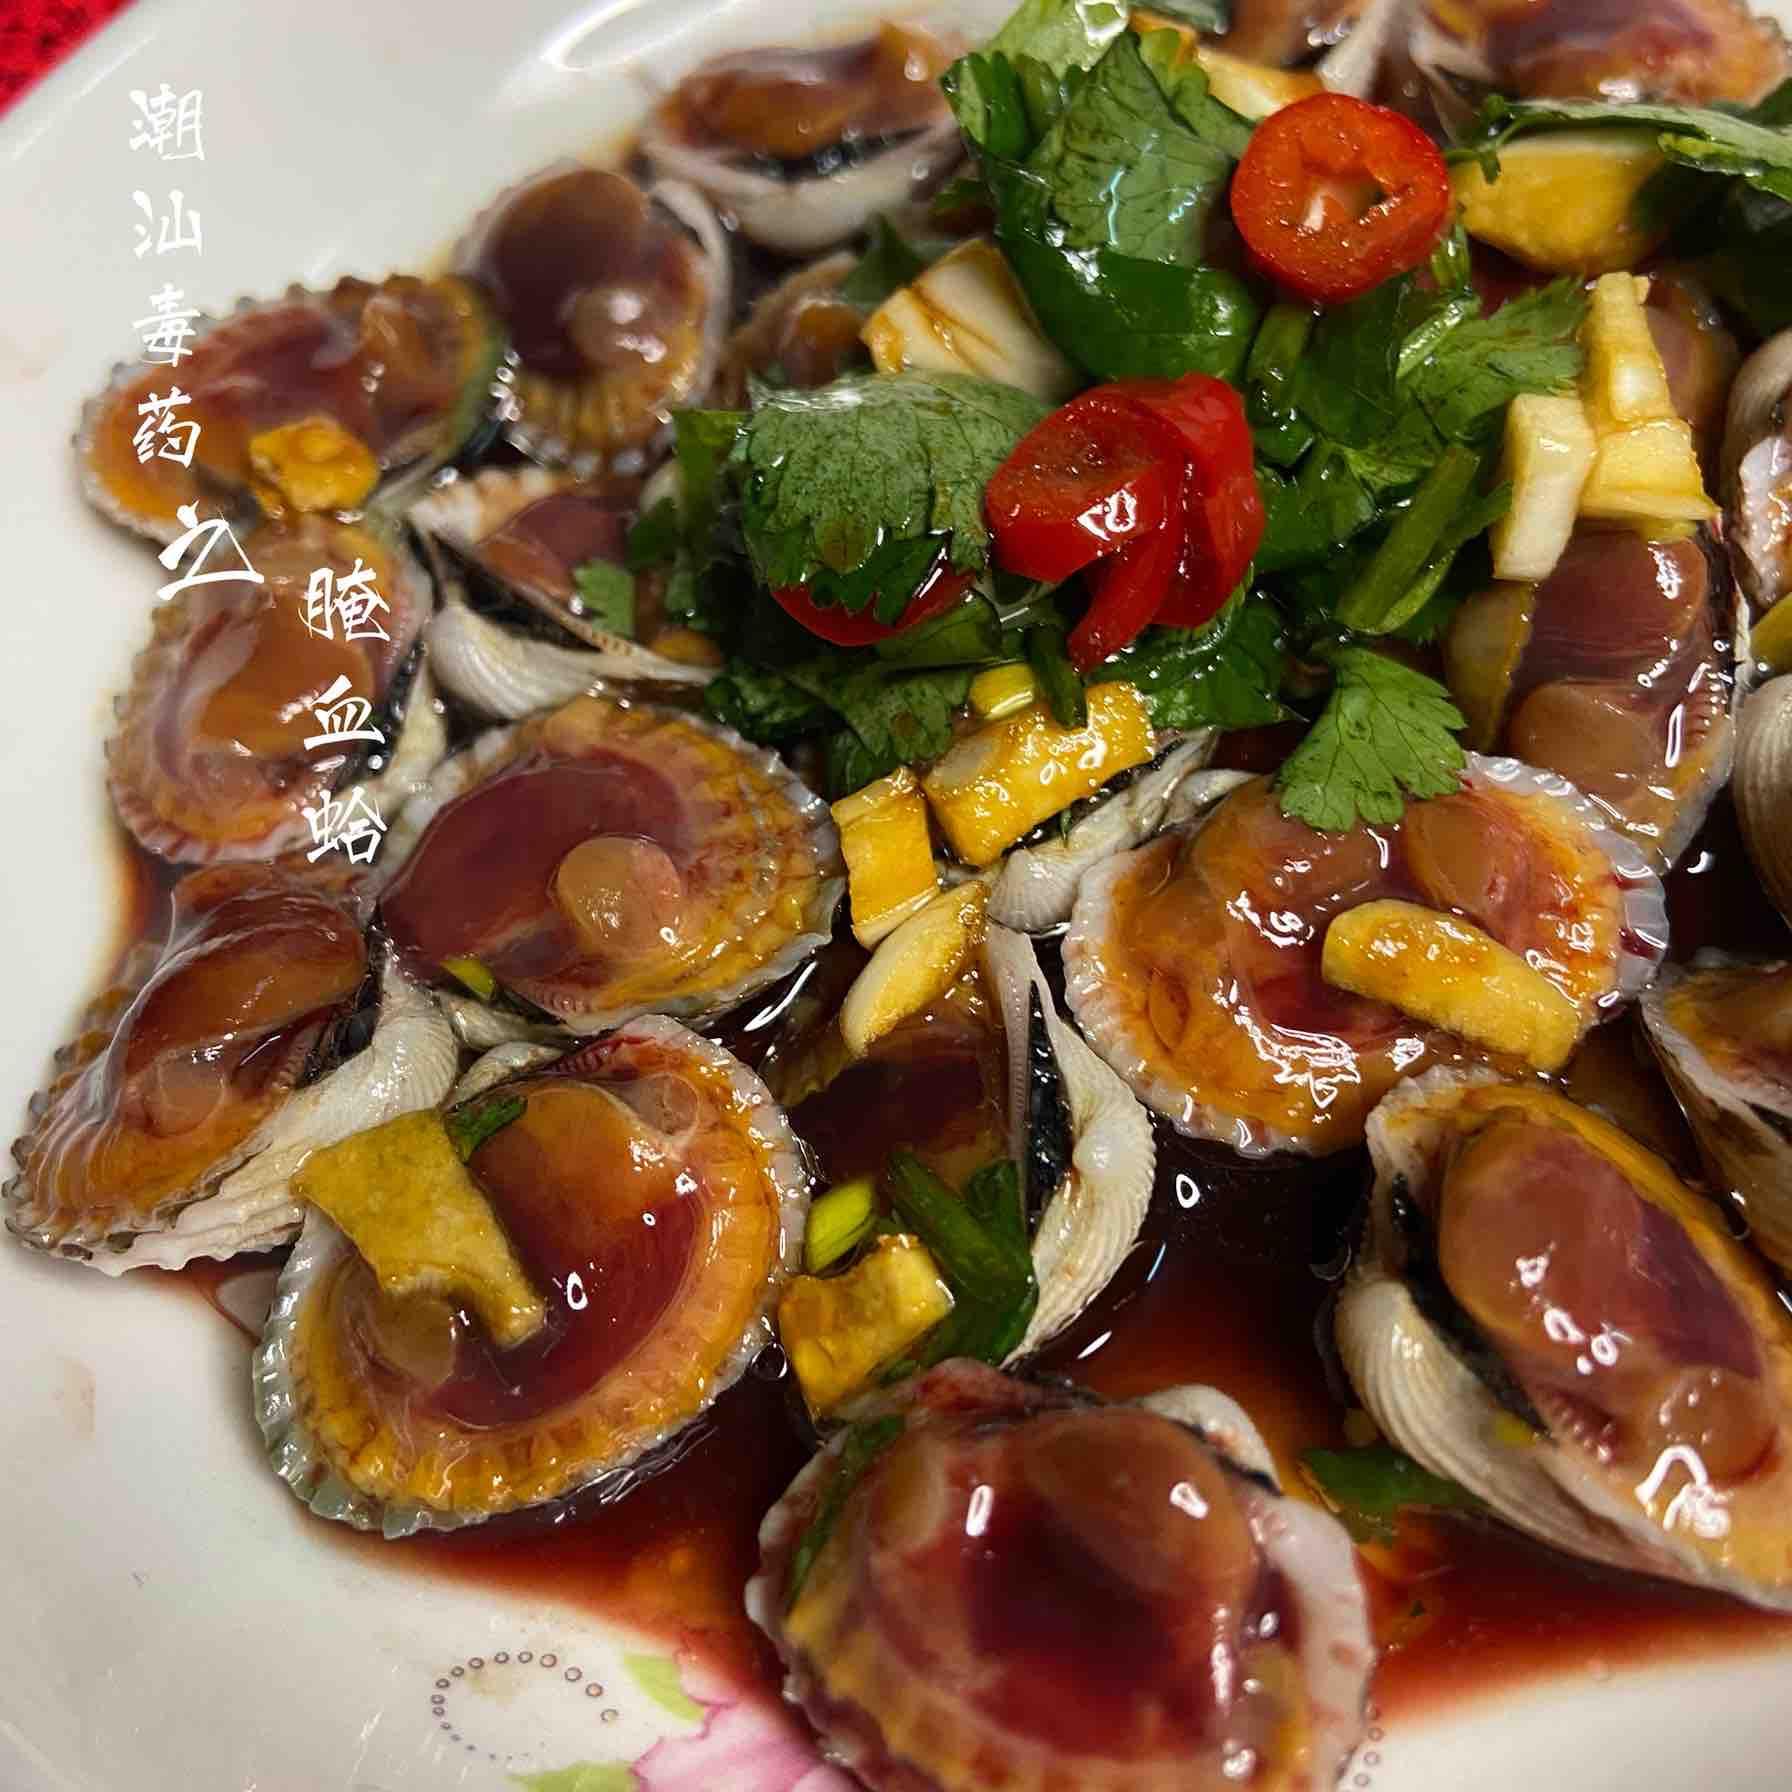 年夜饭必出现潮汕毒药之腌血蛤成品图